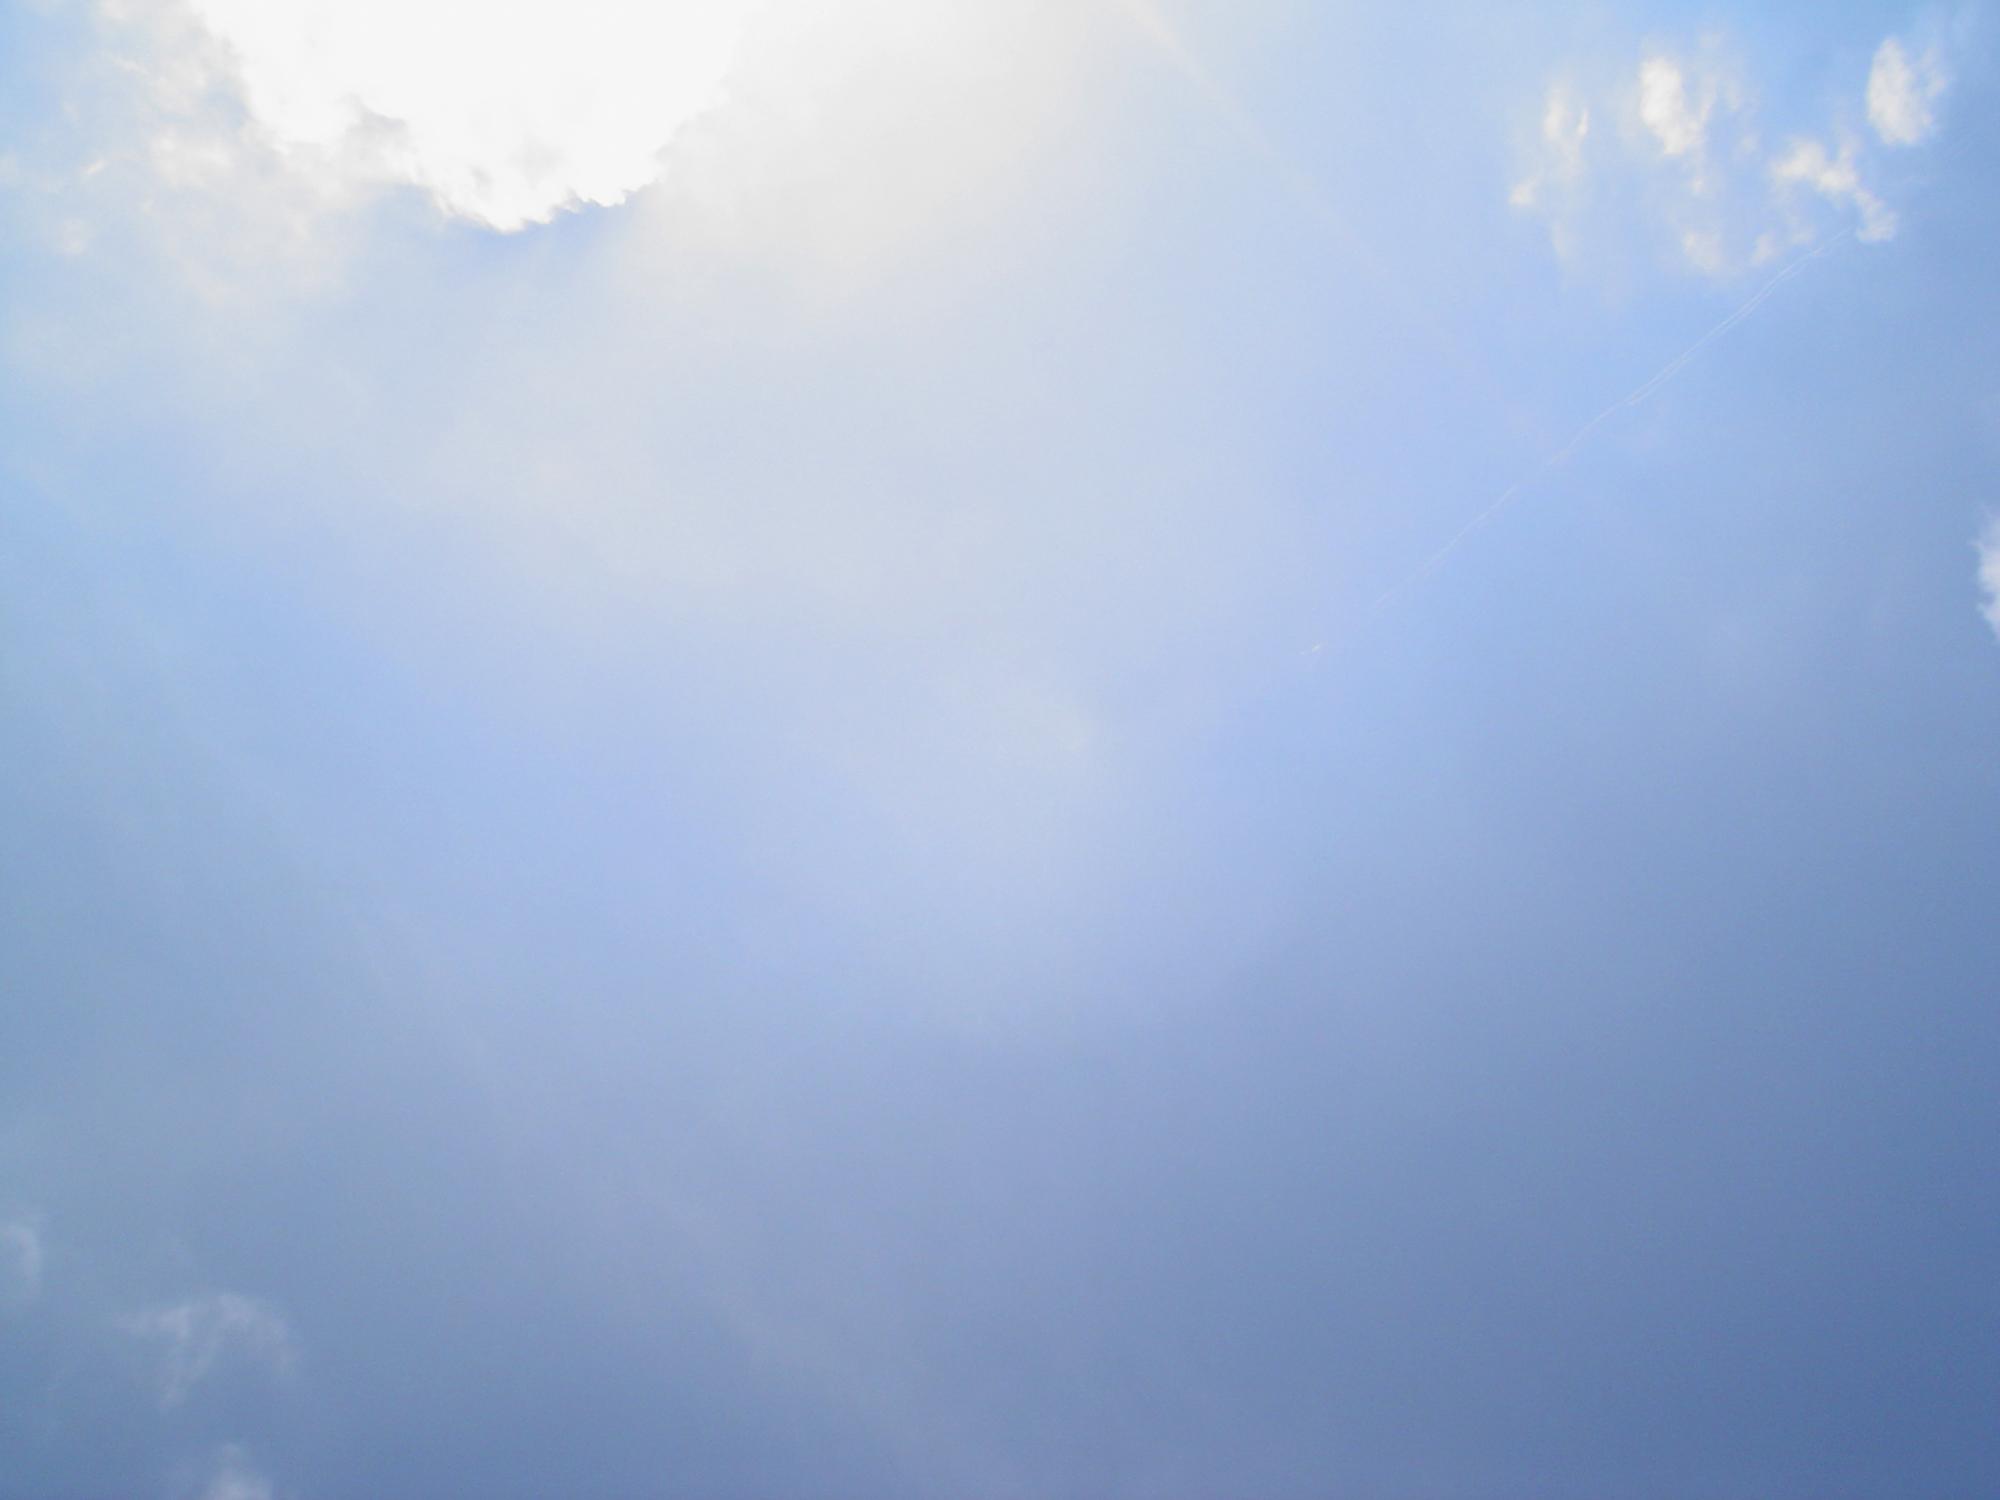 Soft Sky Background Royalty   Stockazoo 2000x1500